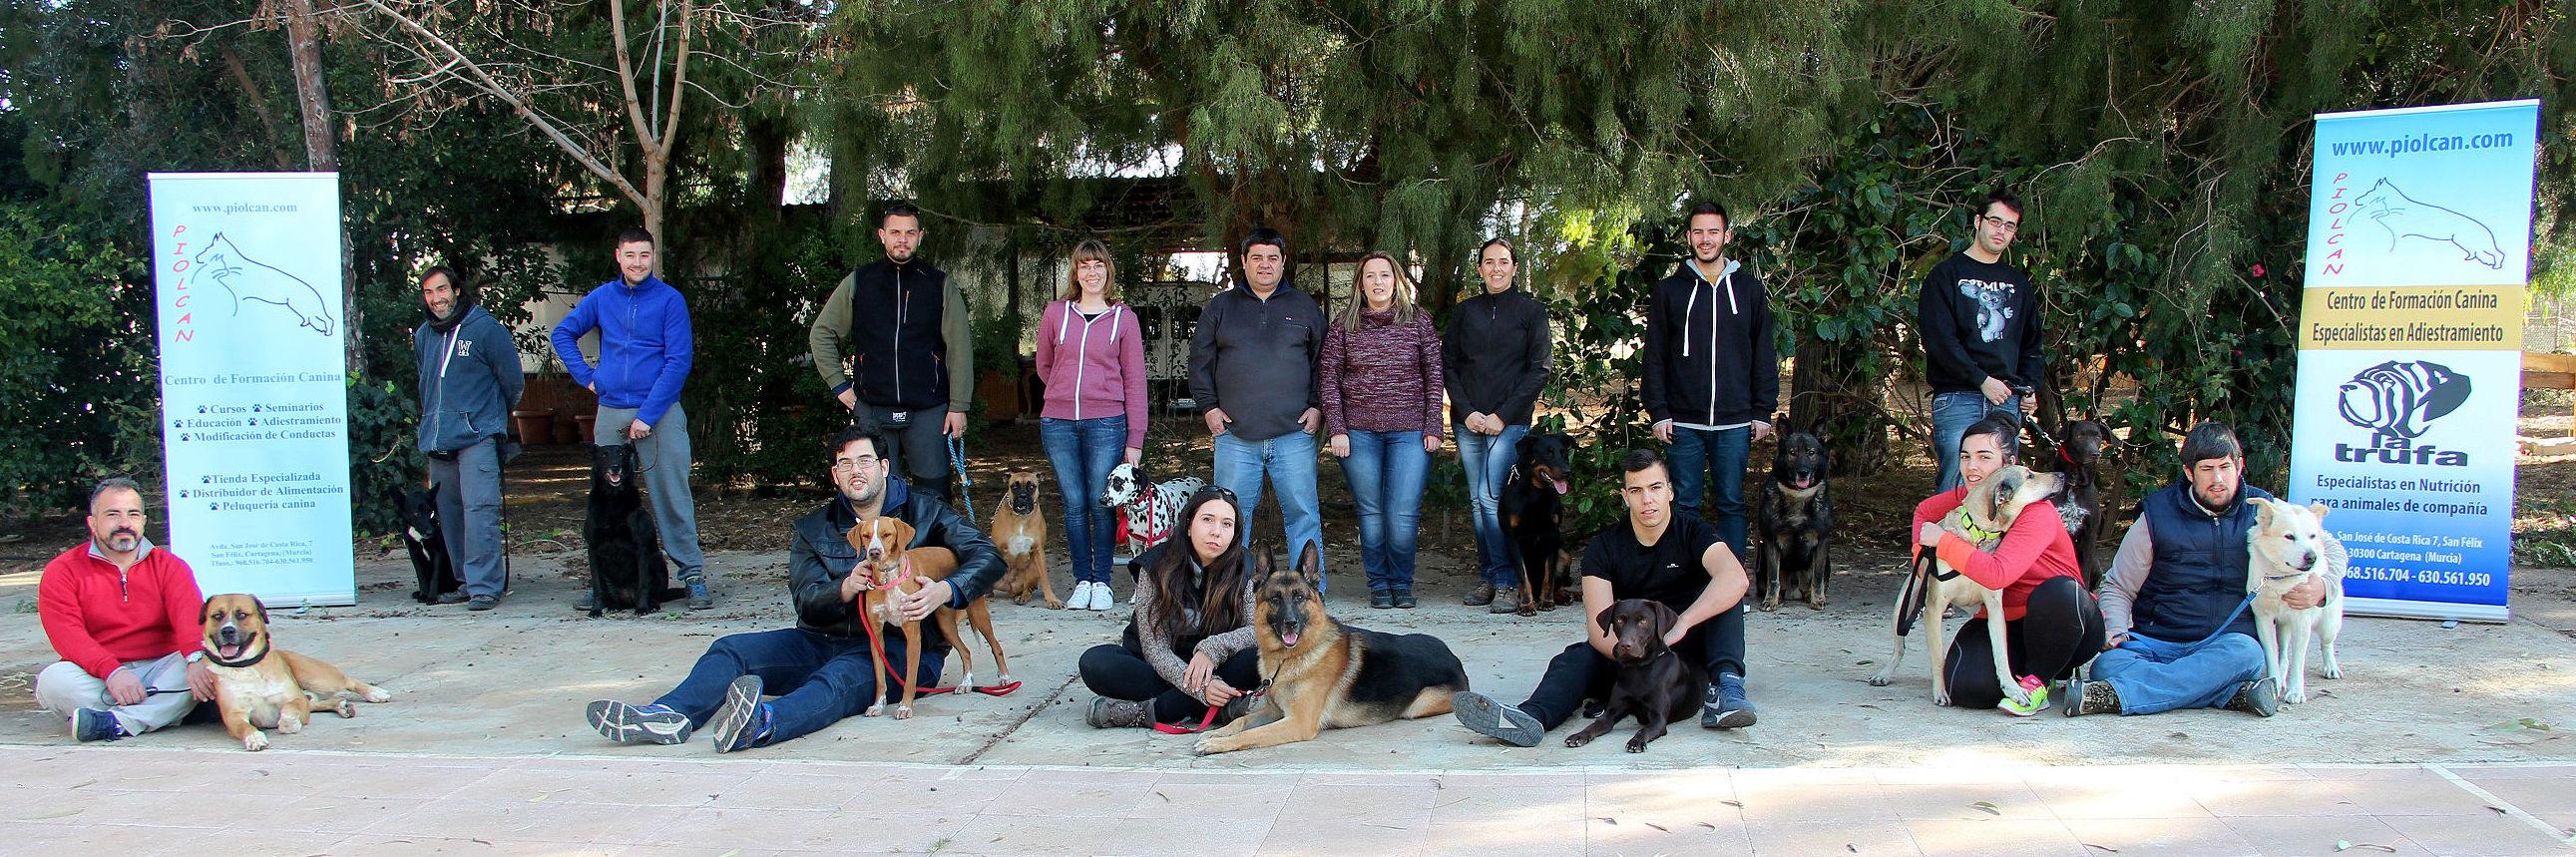 Foto 4 de Adiestramiento canino en Cartagena | Piolcan Adiestramiento Canino y Centro de formación